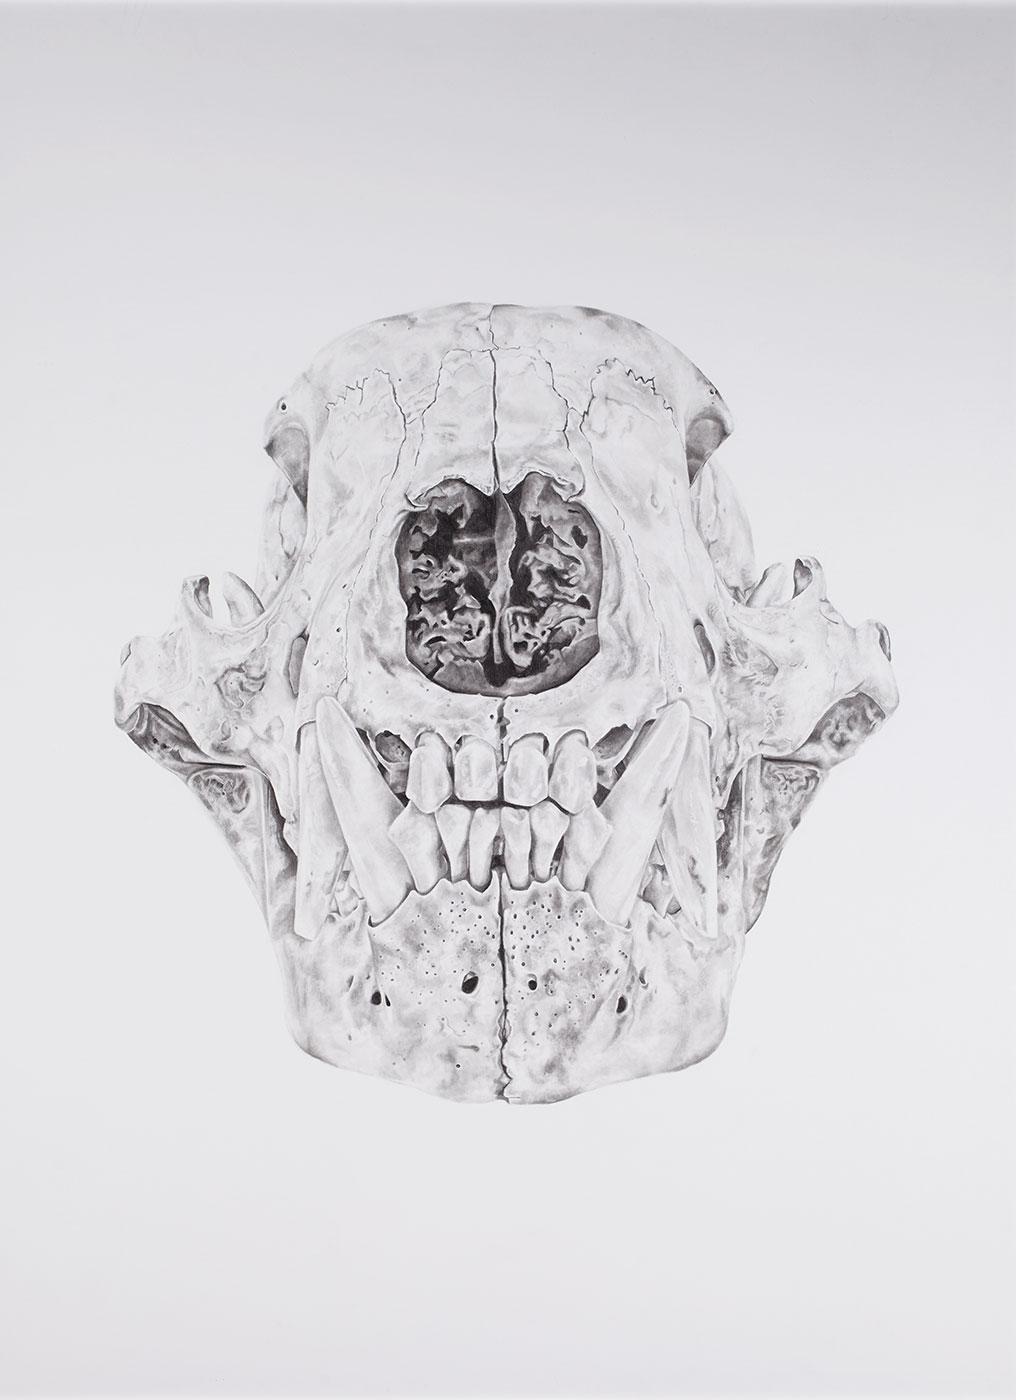 Robyn M. DuTemple - Bear Cub Skulls